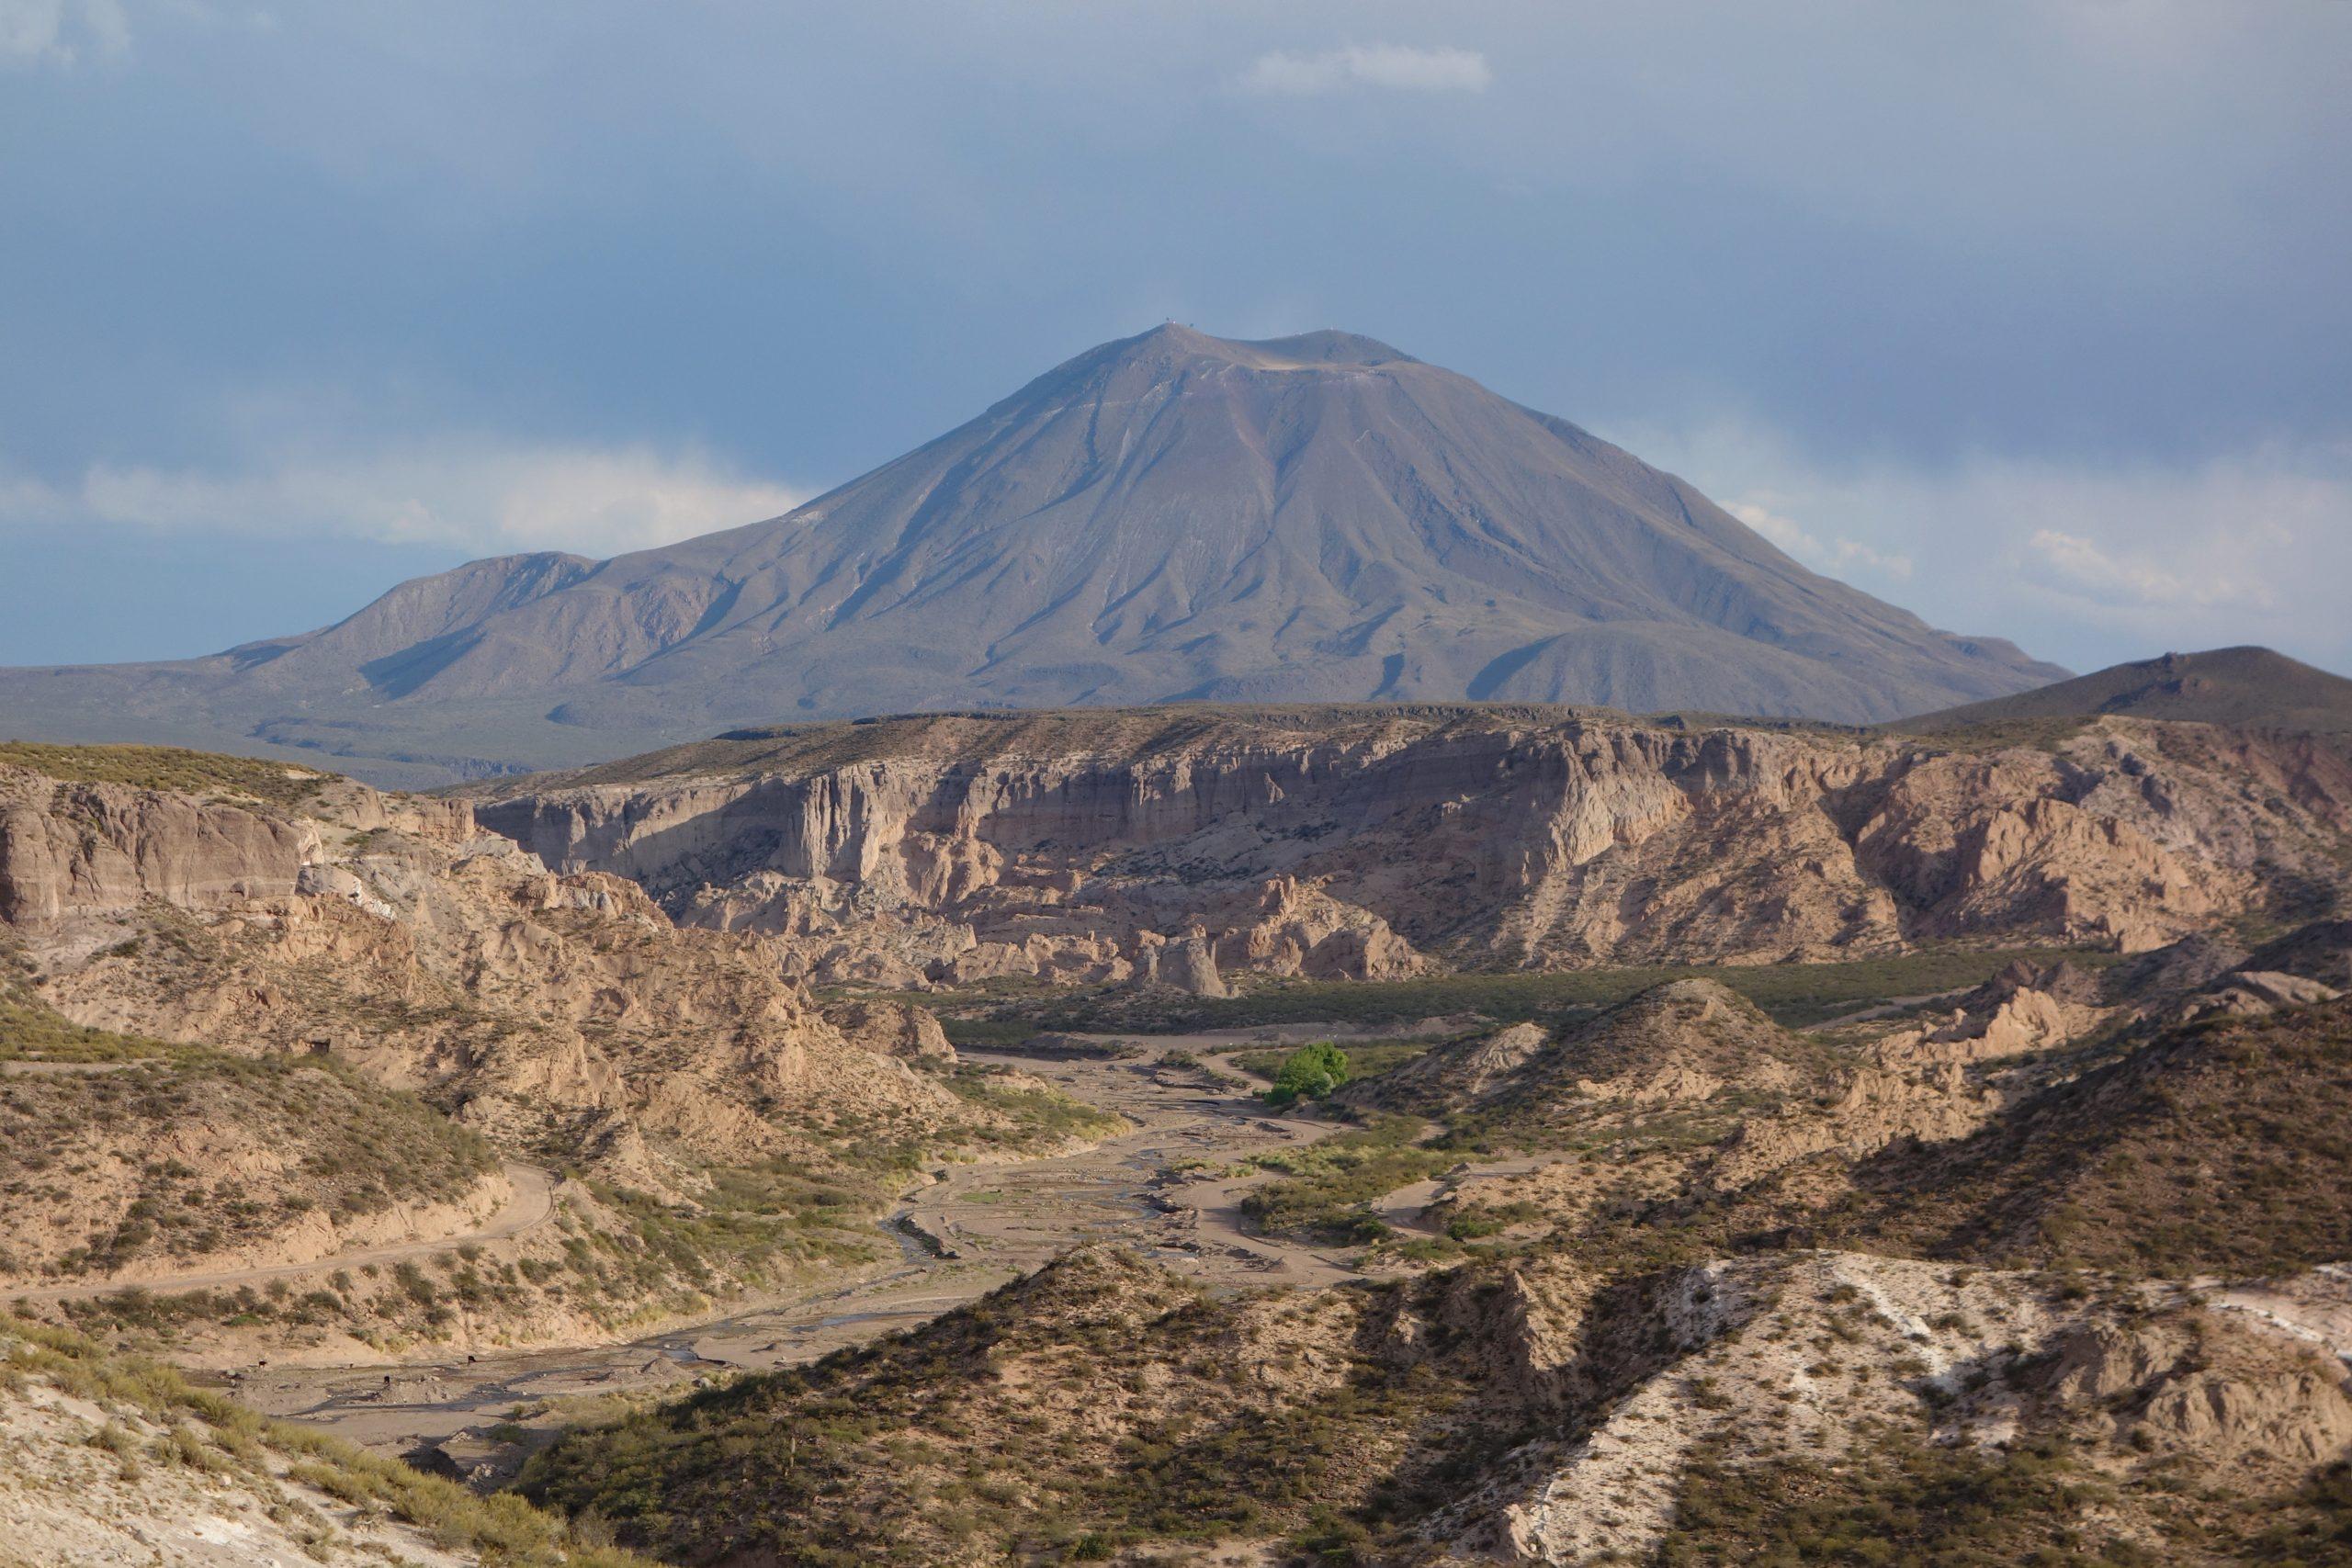 Radreise Südamerika 2019 - Arroyo la Faja und Cerro Diamante (2.354m)